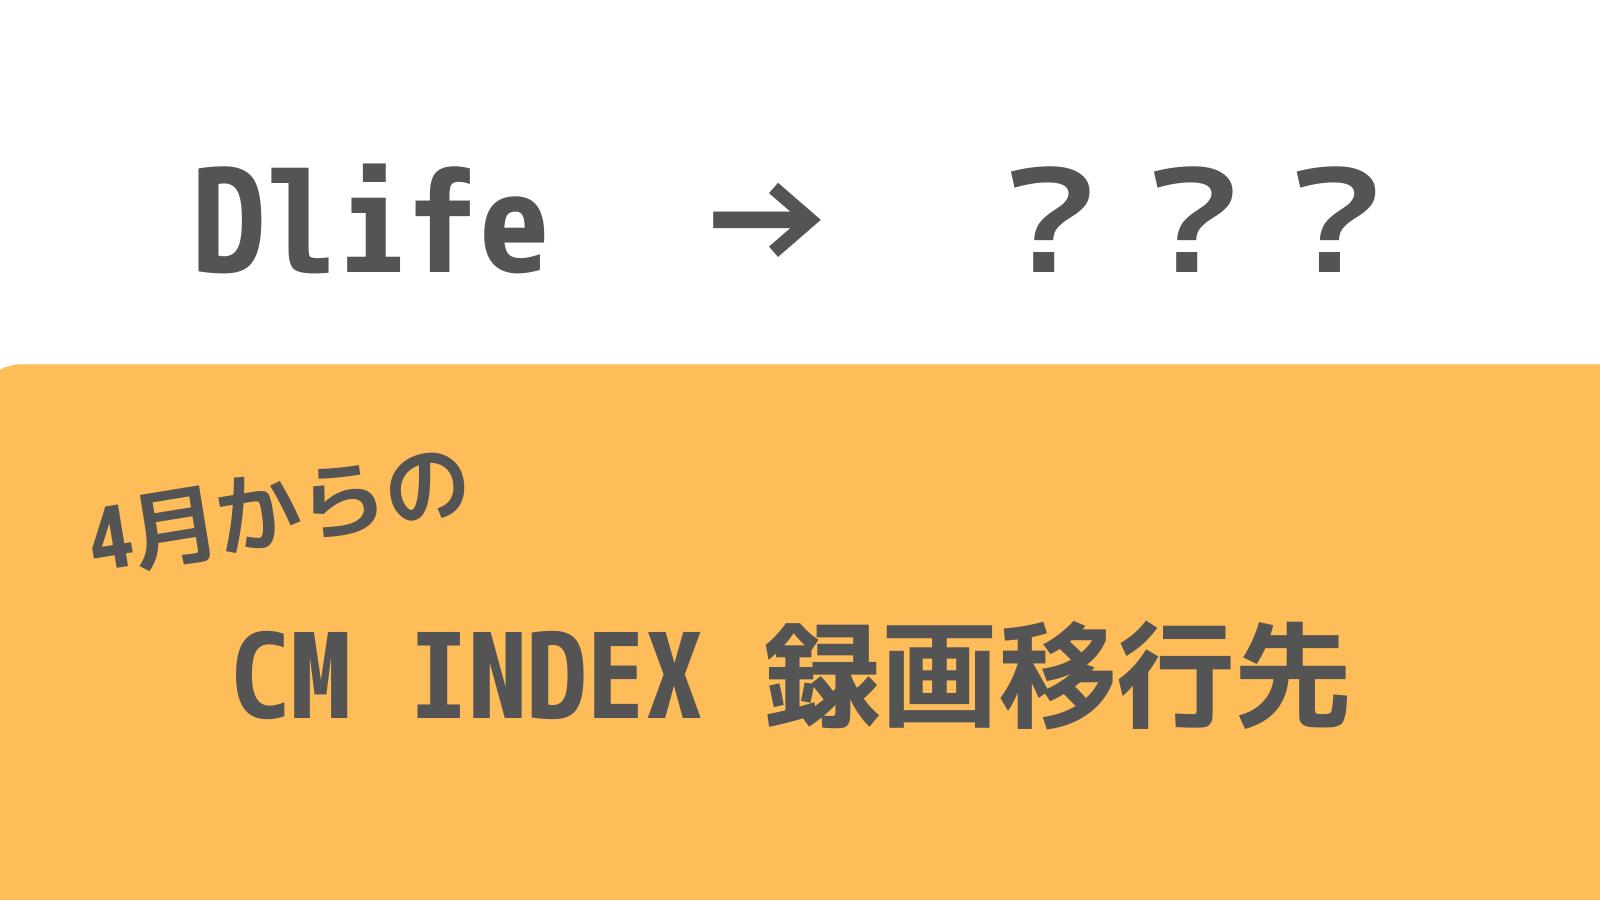 アイキャッチ ジャニオタ的CM INDEX録画移行先のオススメ【Dlife放送終了】